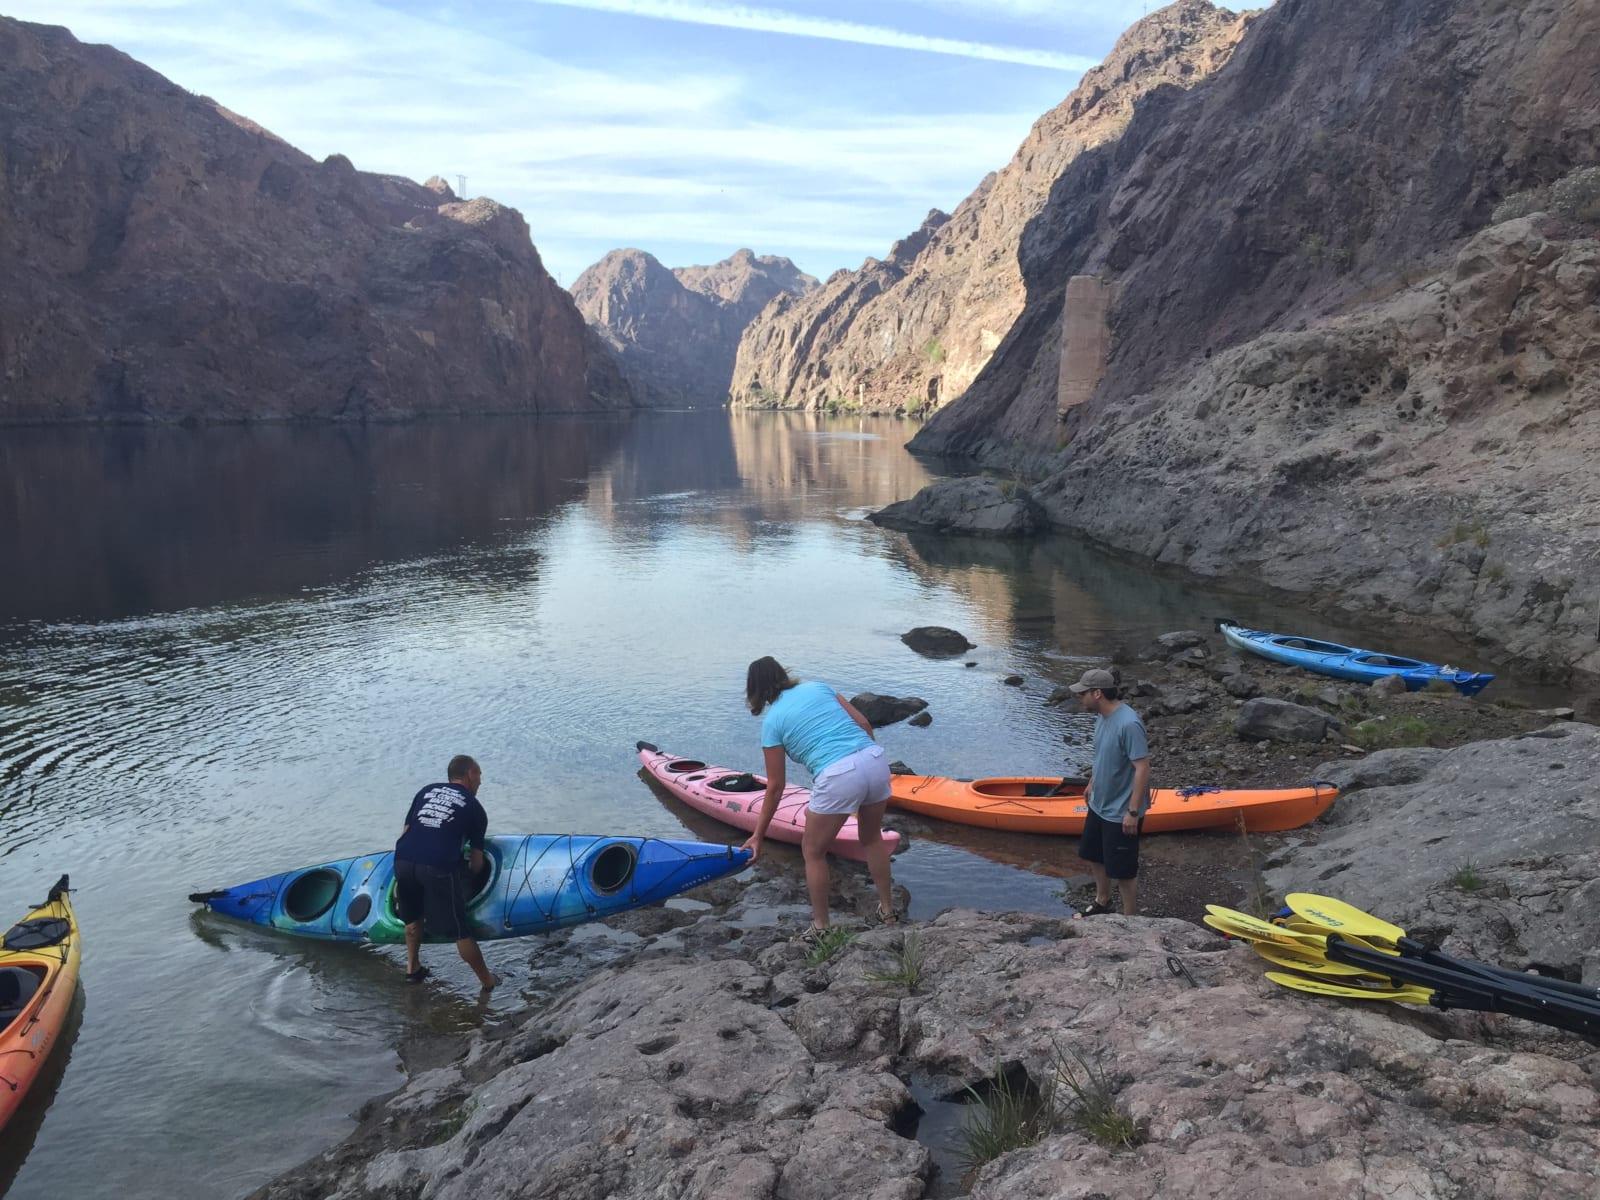 Colorado River Nevada Kayakers Boat Launching